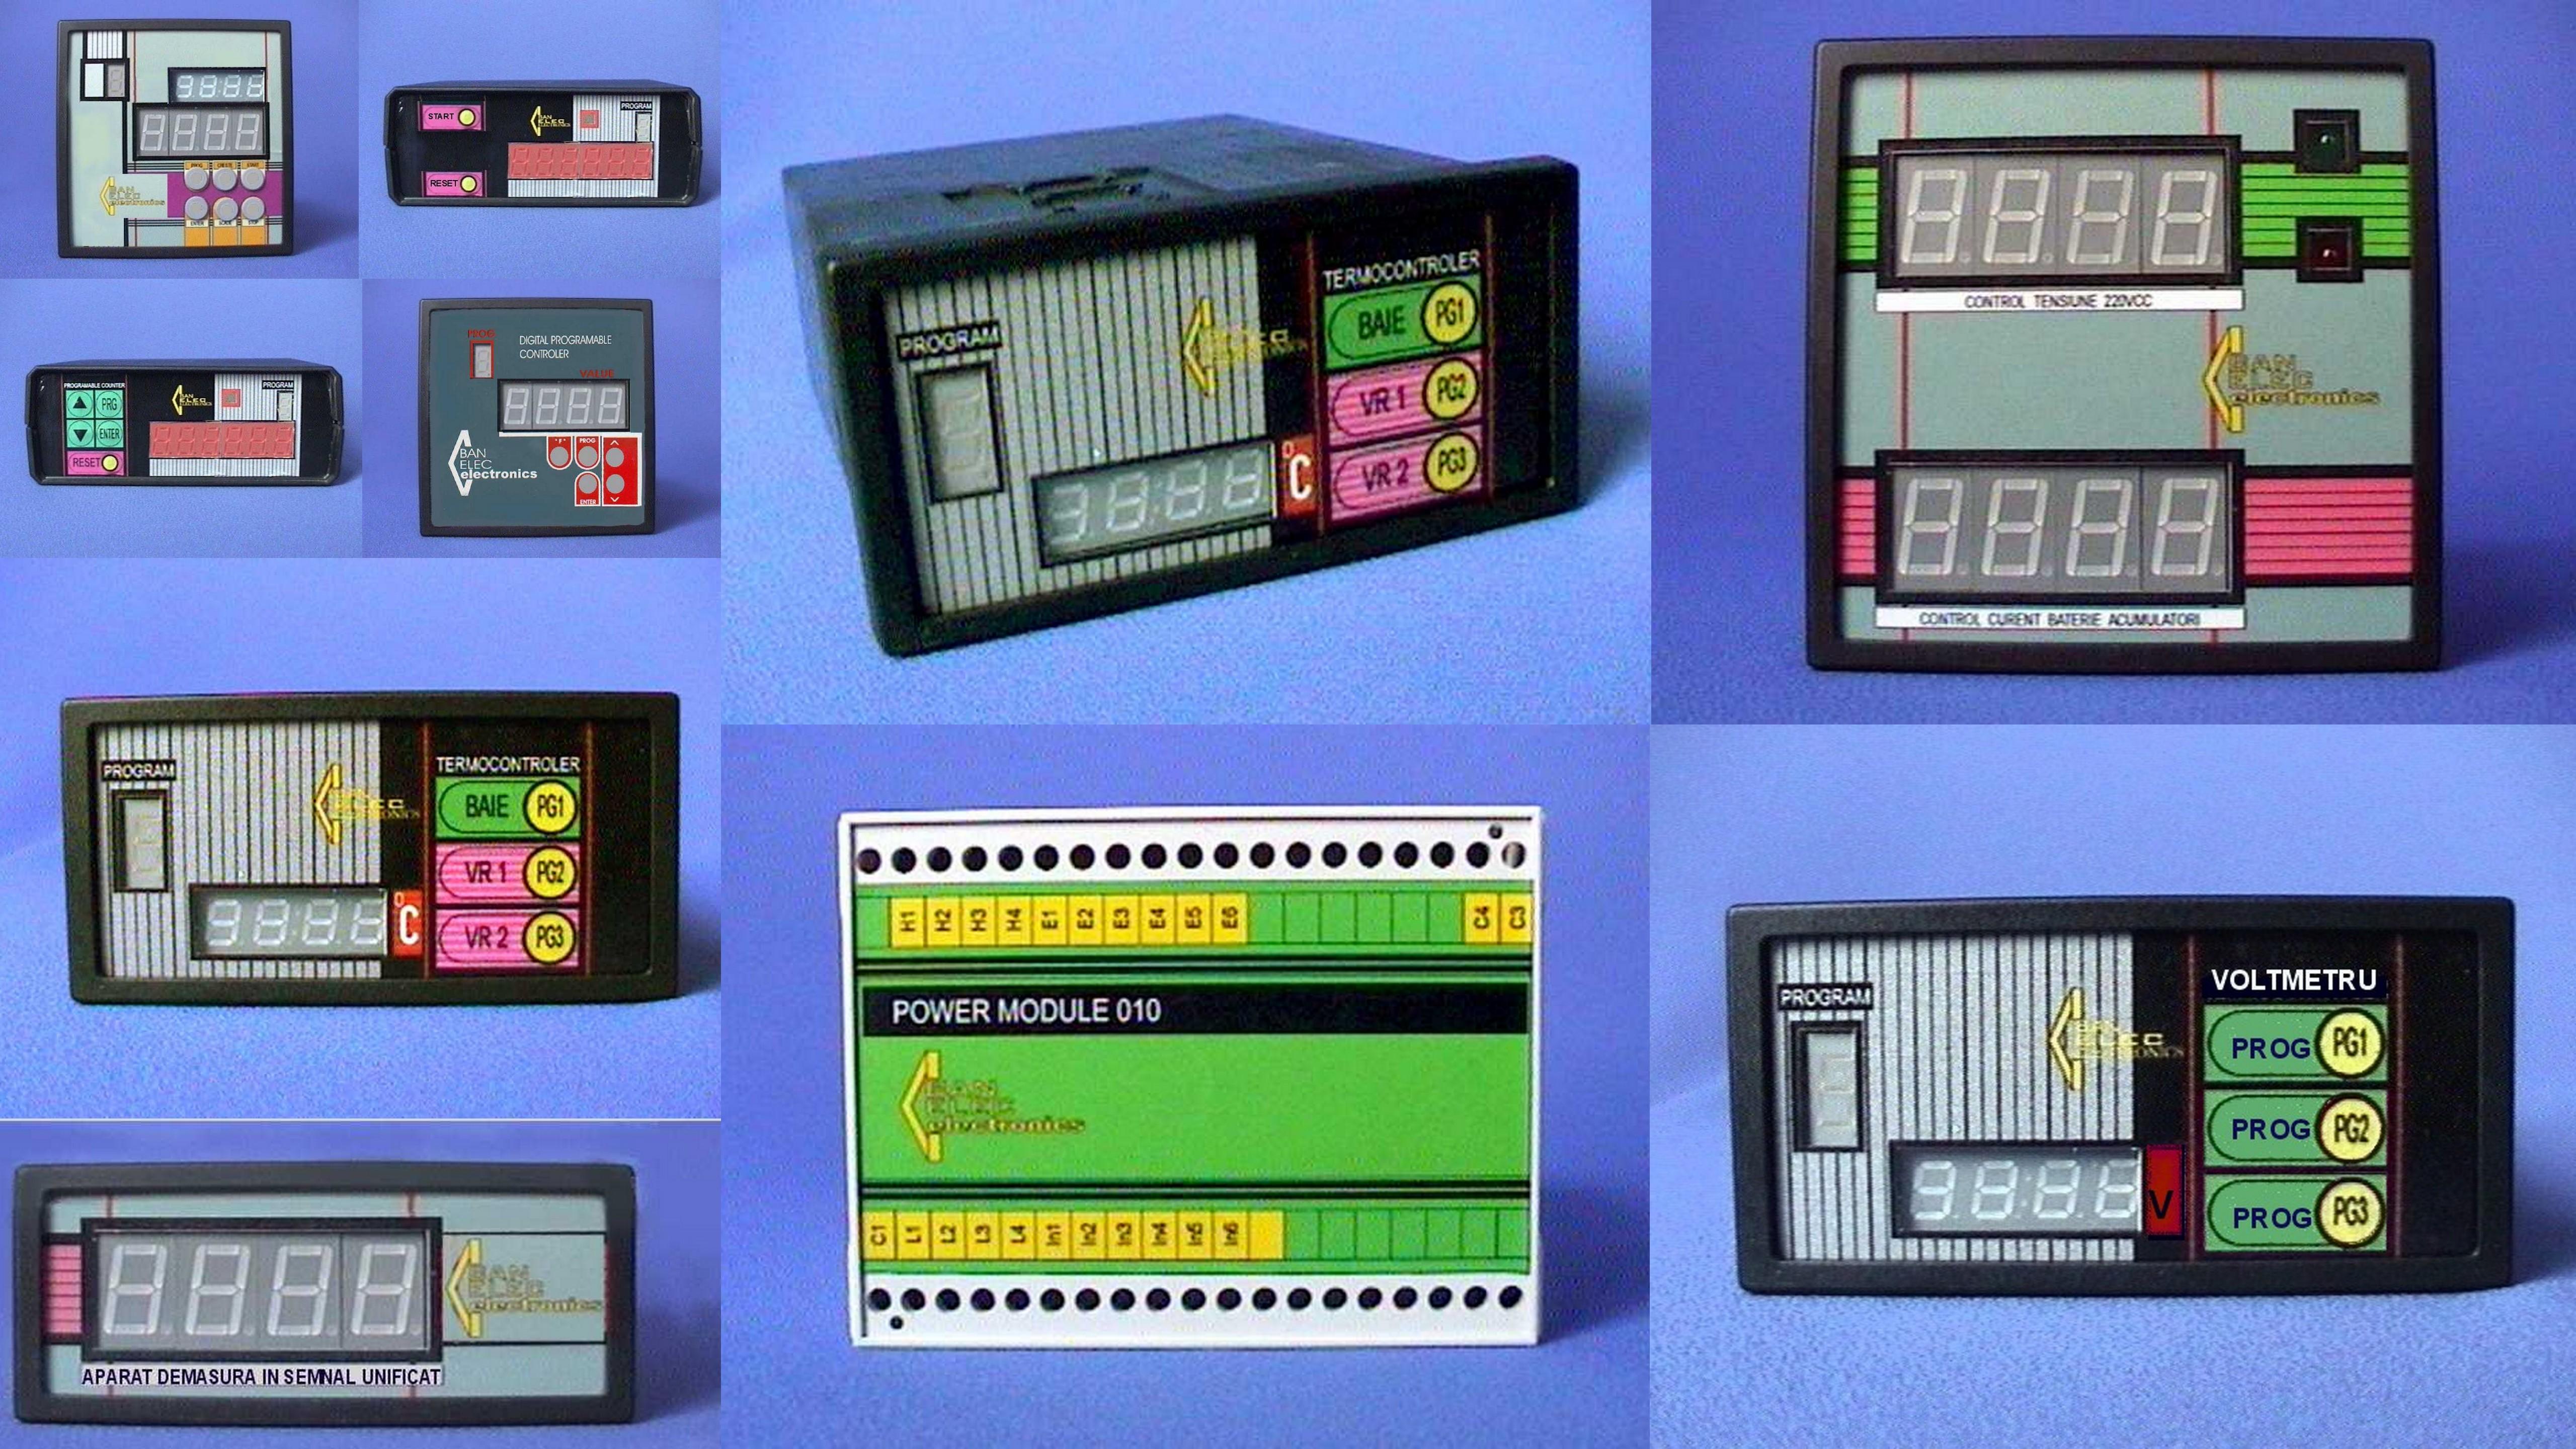 BanCelec.ro Automatizari, Retehnologizari, Proiectare